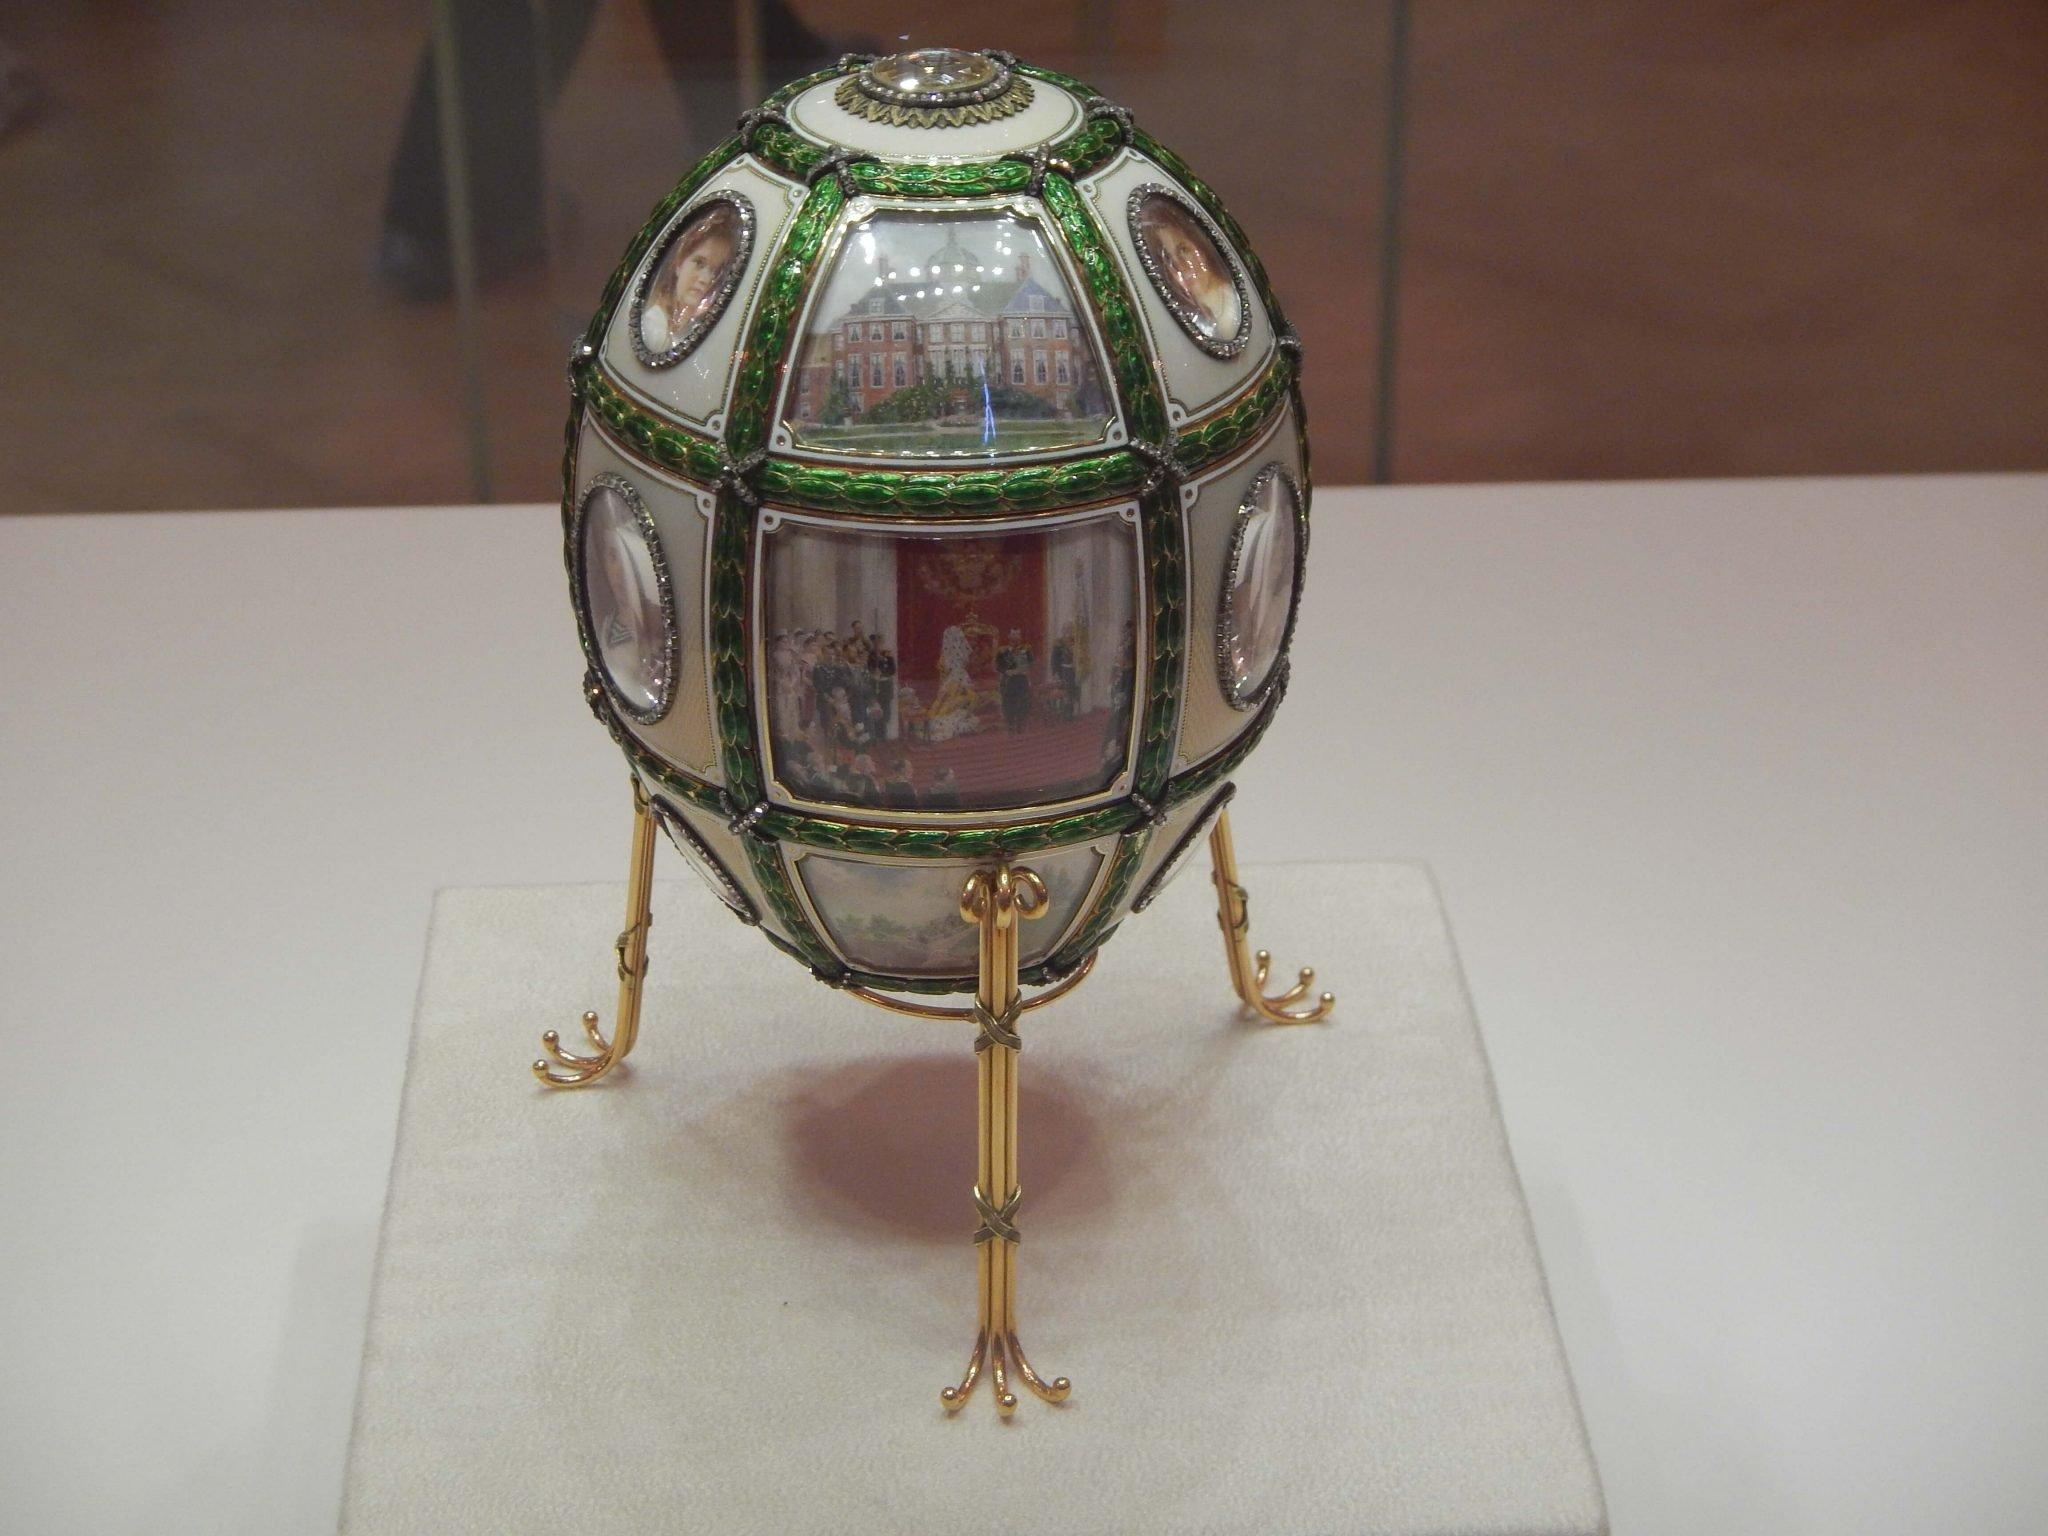 Museu Fabergé ovo 02 São Petersburgo Rússia Mundo Indefinido